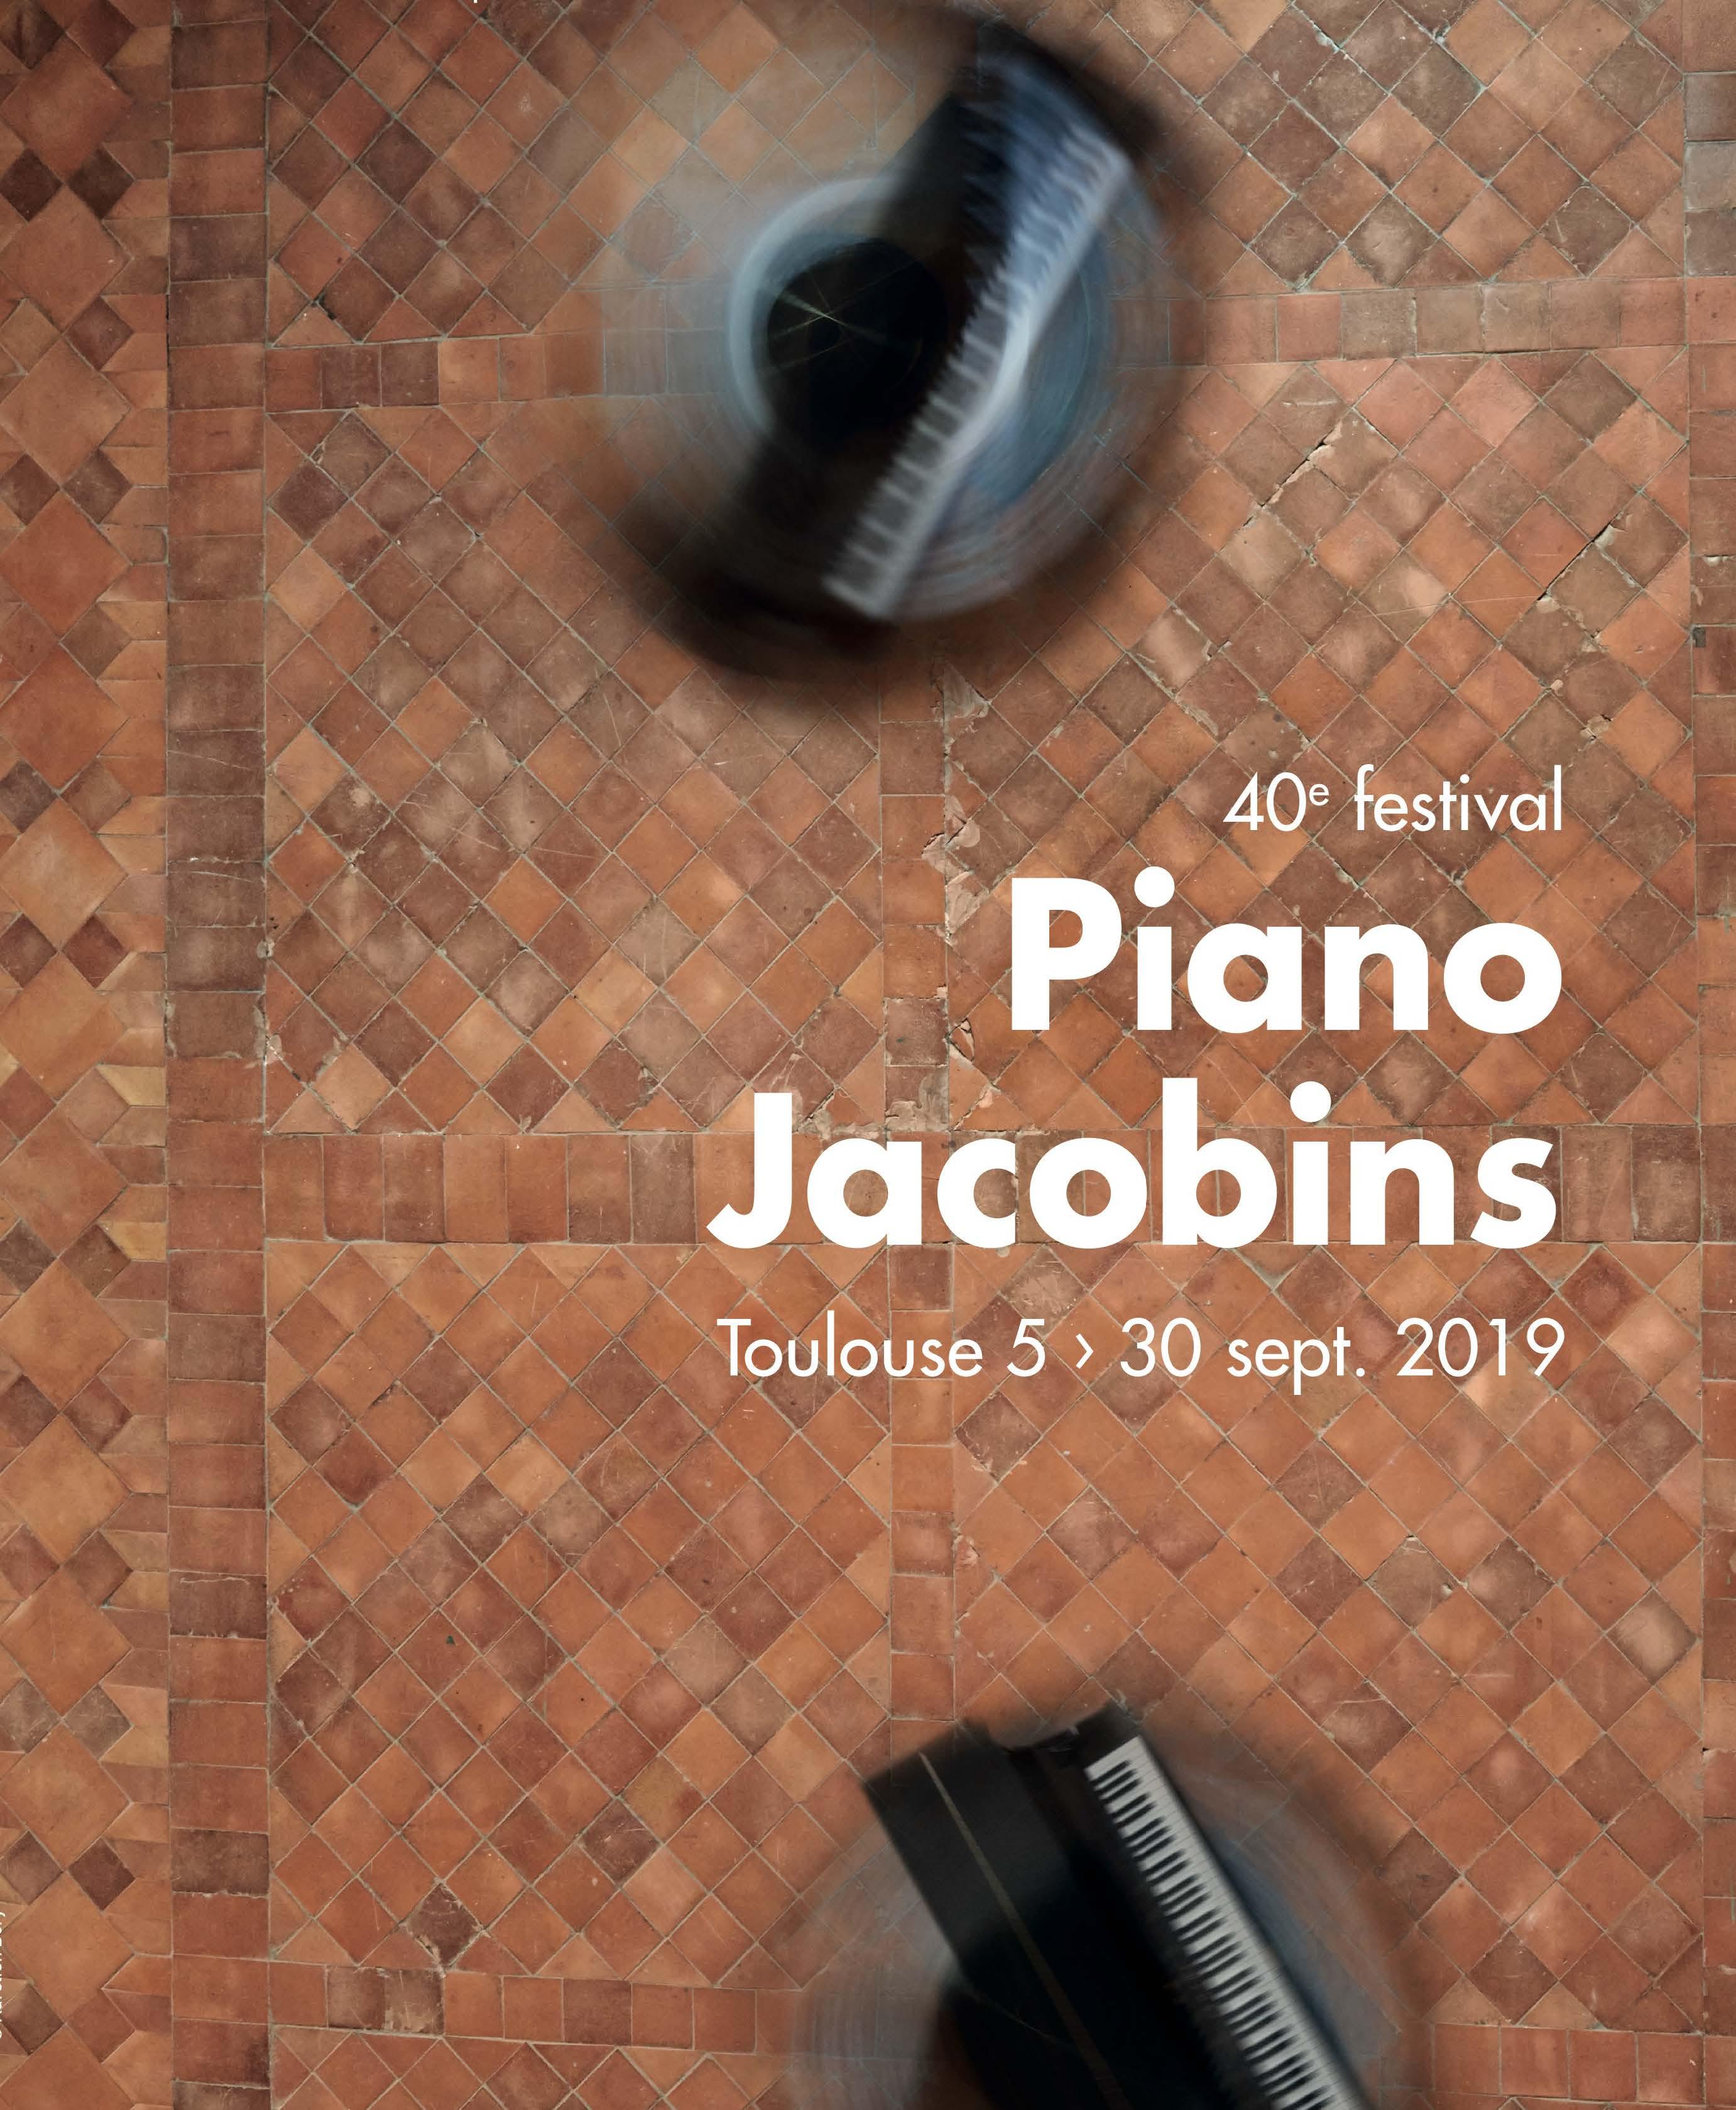 Archivé: PIANO AUX JACOBINS